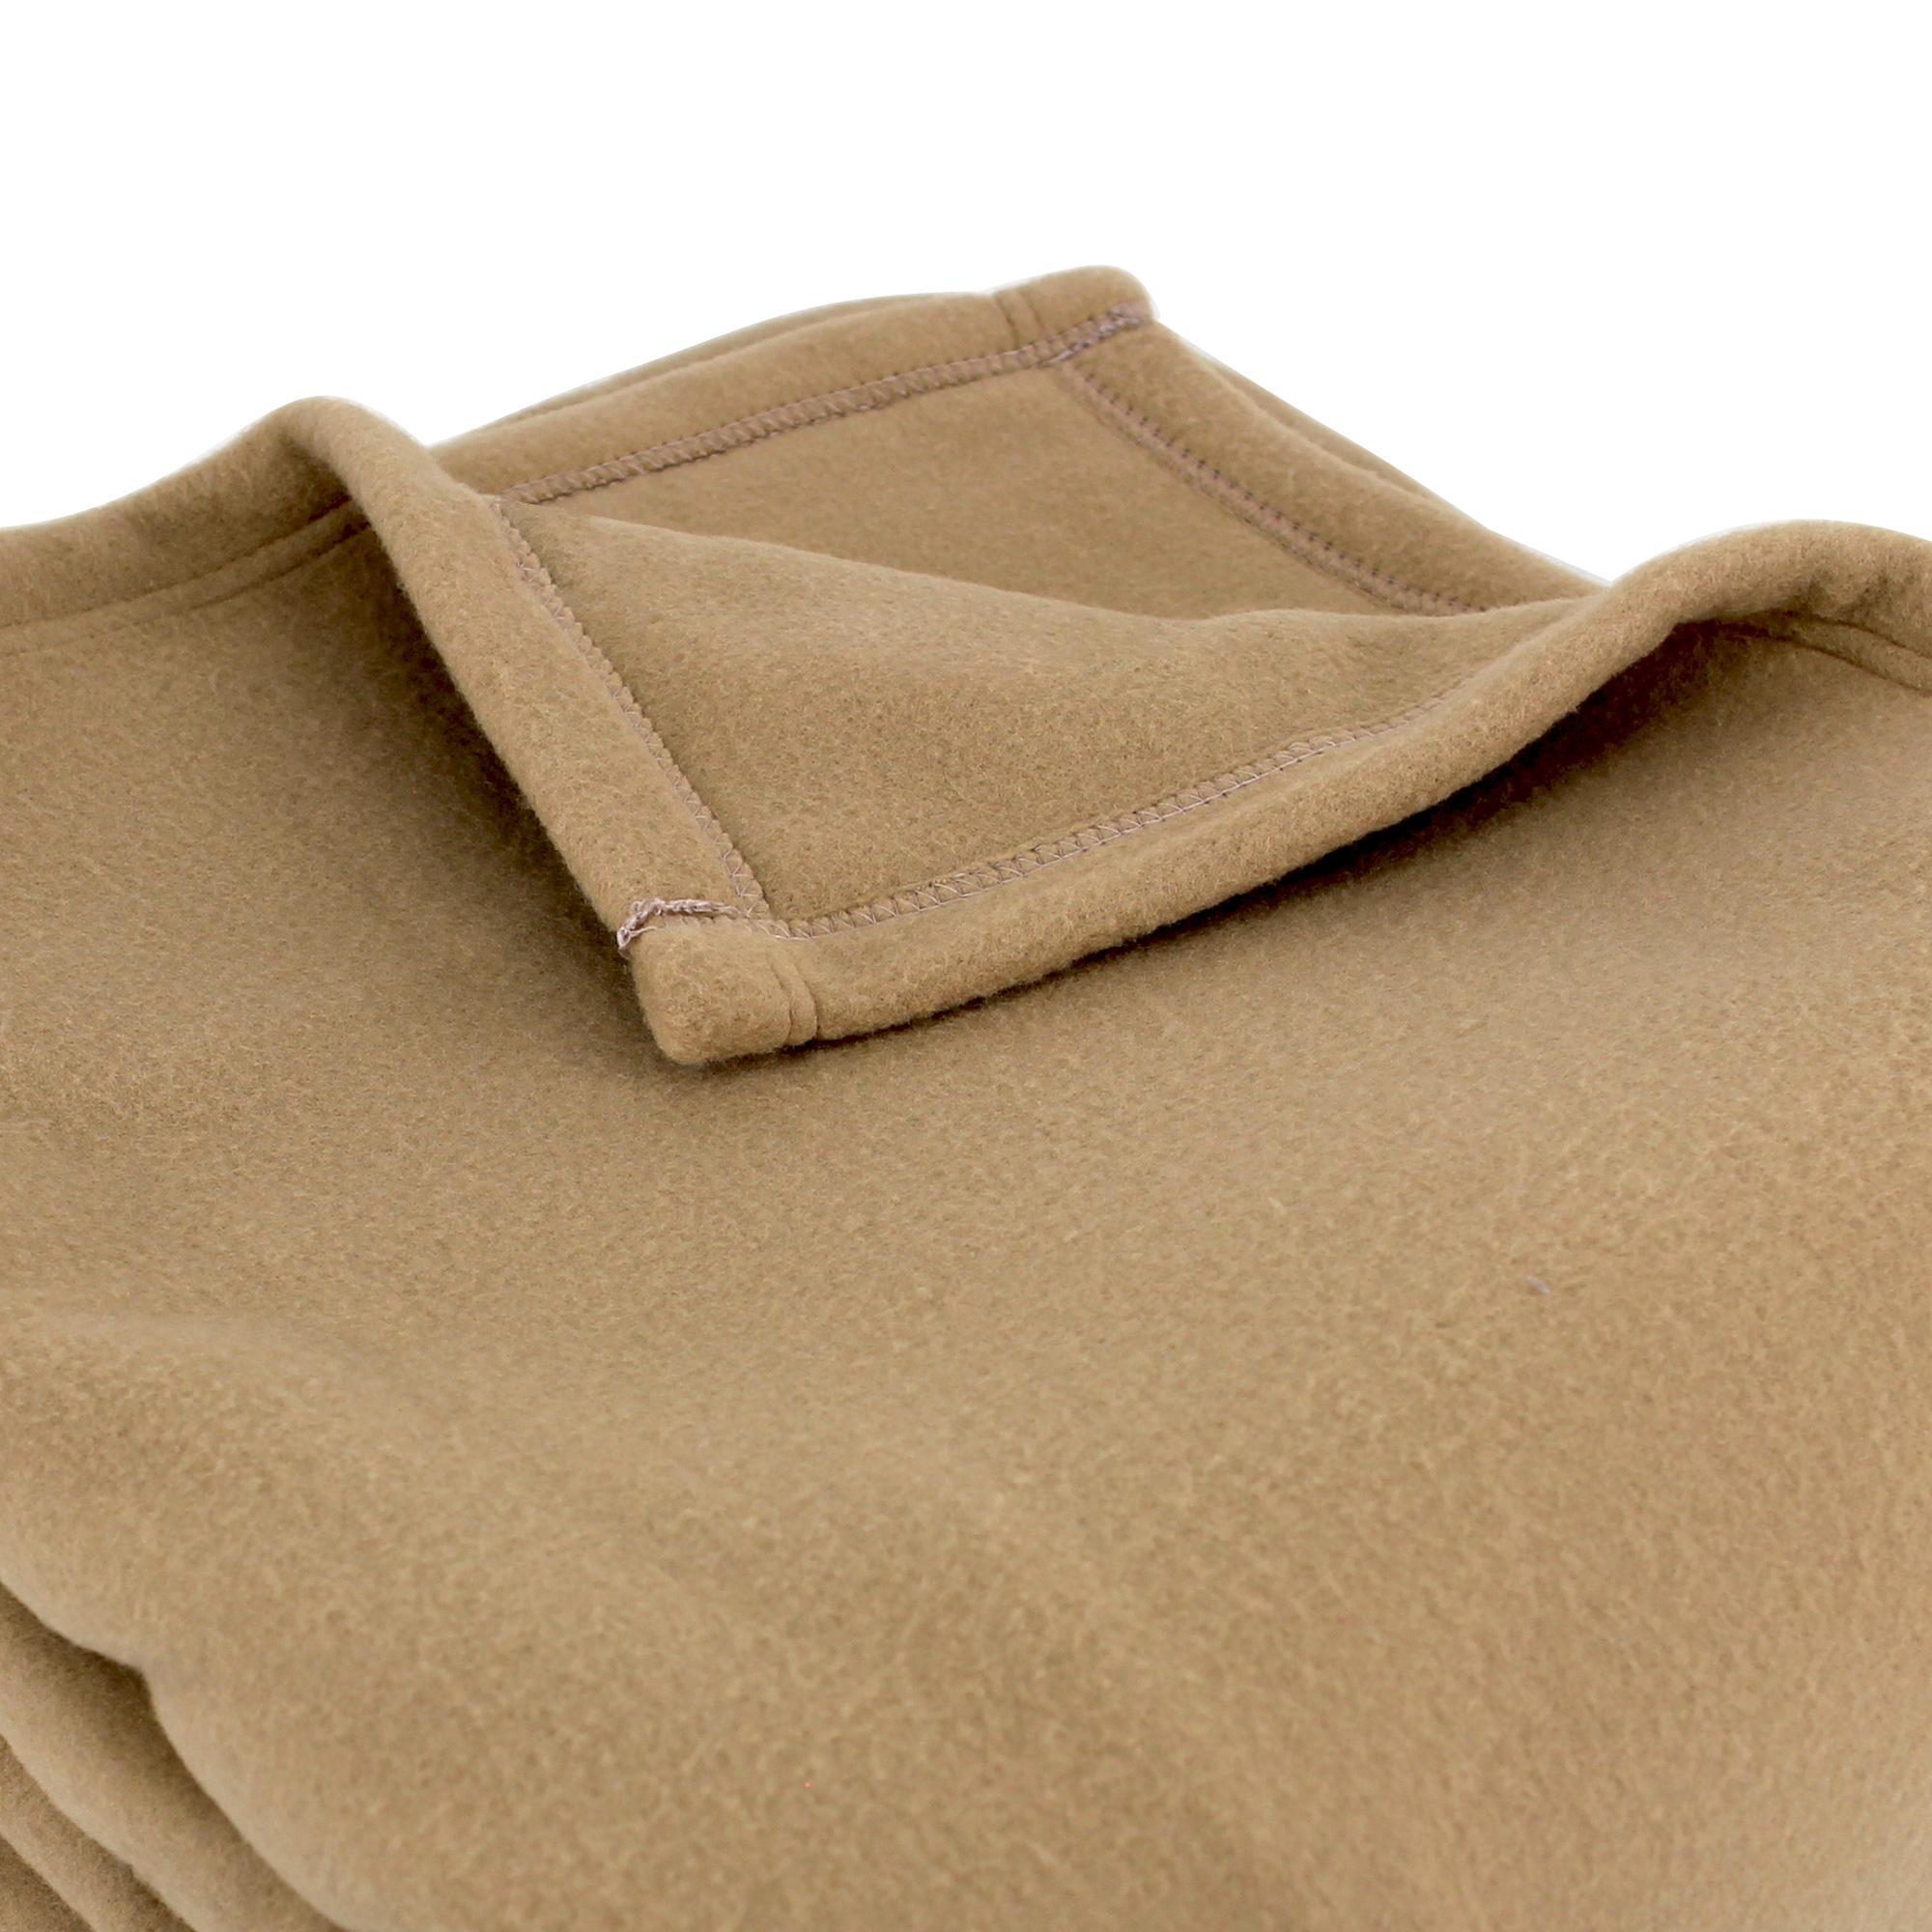 couverture polaire polyester 240x260 cm teddy sable linnea linge de maison et. Black Bedroom Furniture Sets. Home Design Ideas